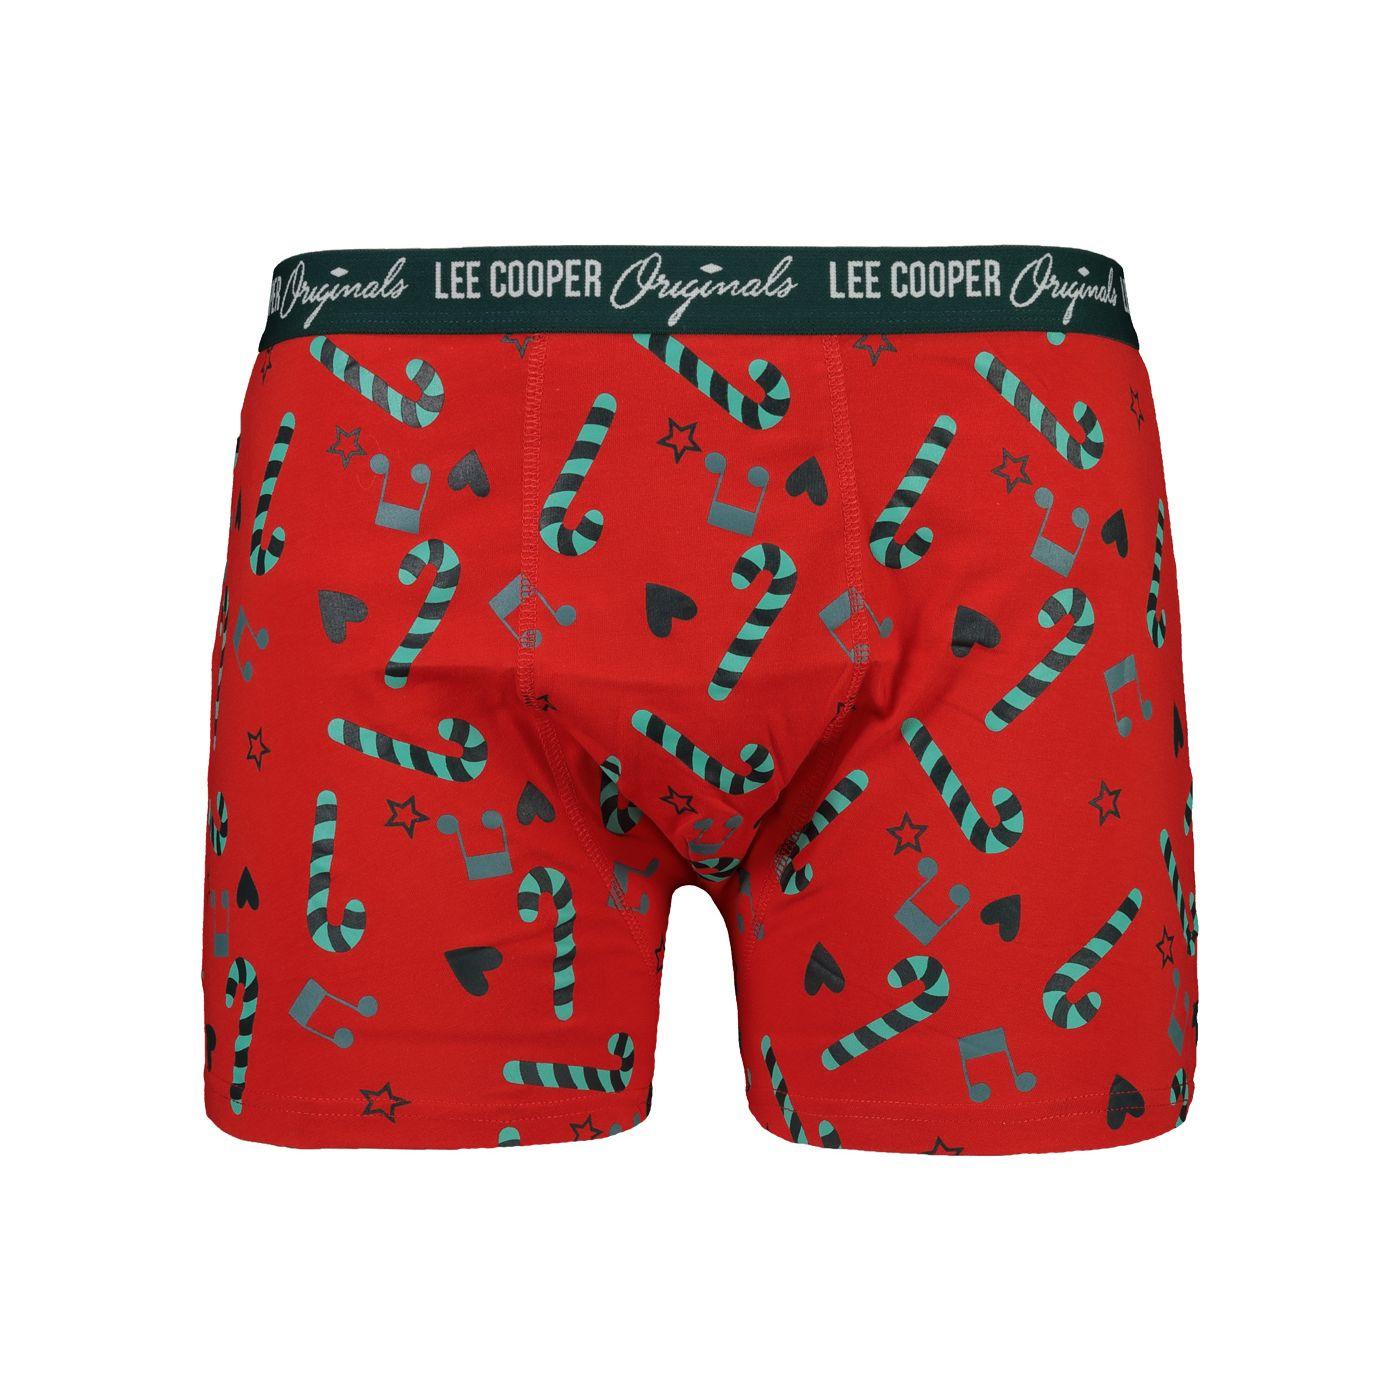 Men's boxer shorts Lee Cooper 1 pack